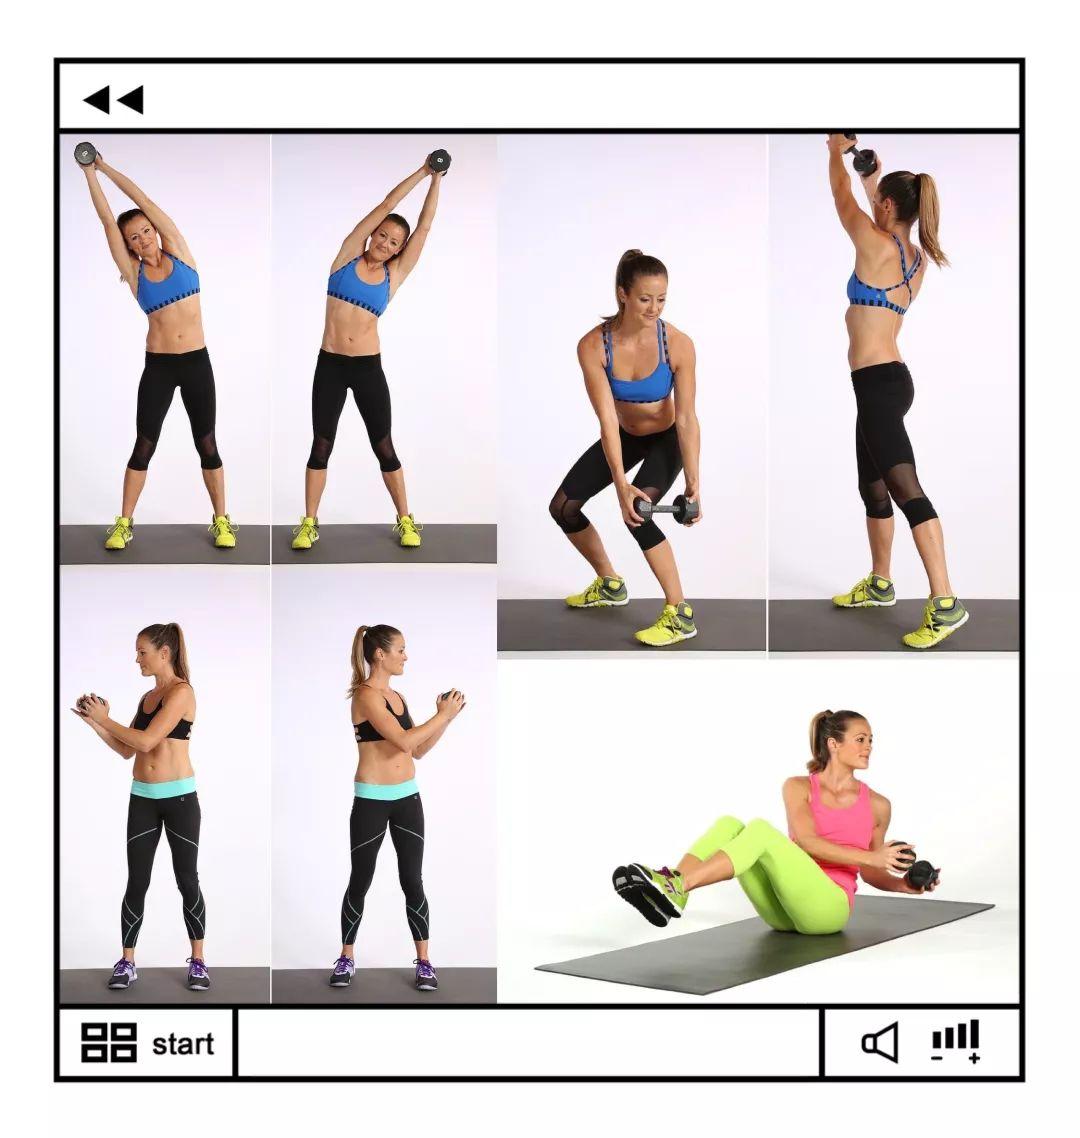 4 个最流行的腹肌动作,会把腰练粗